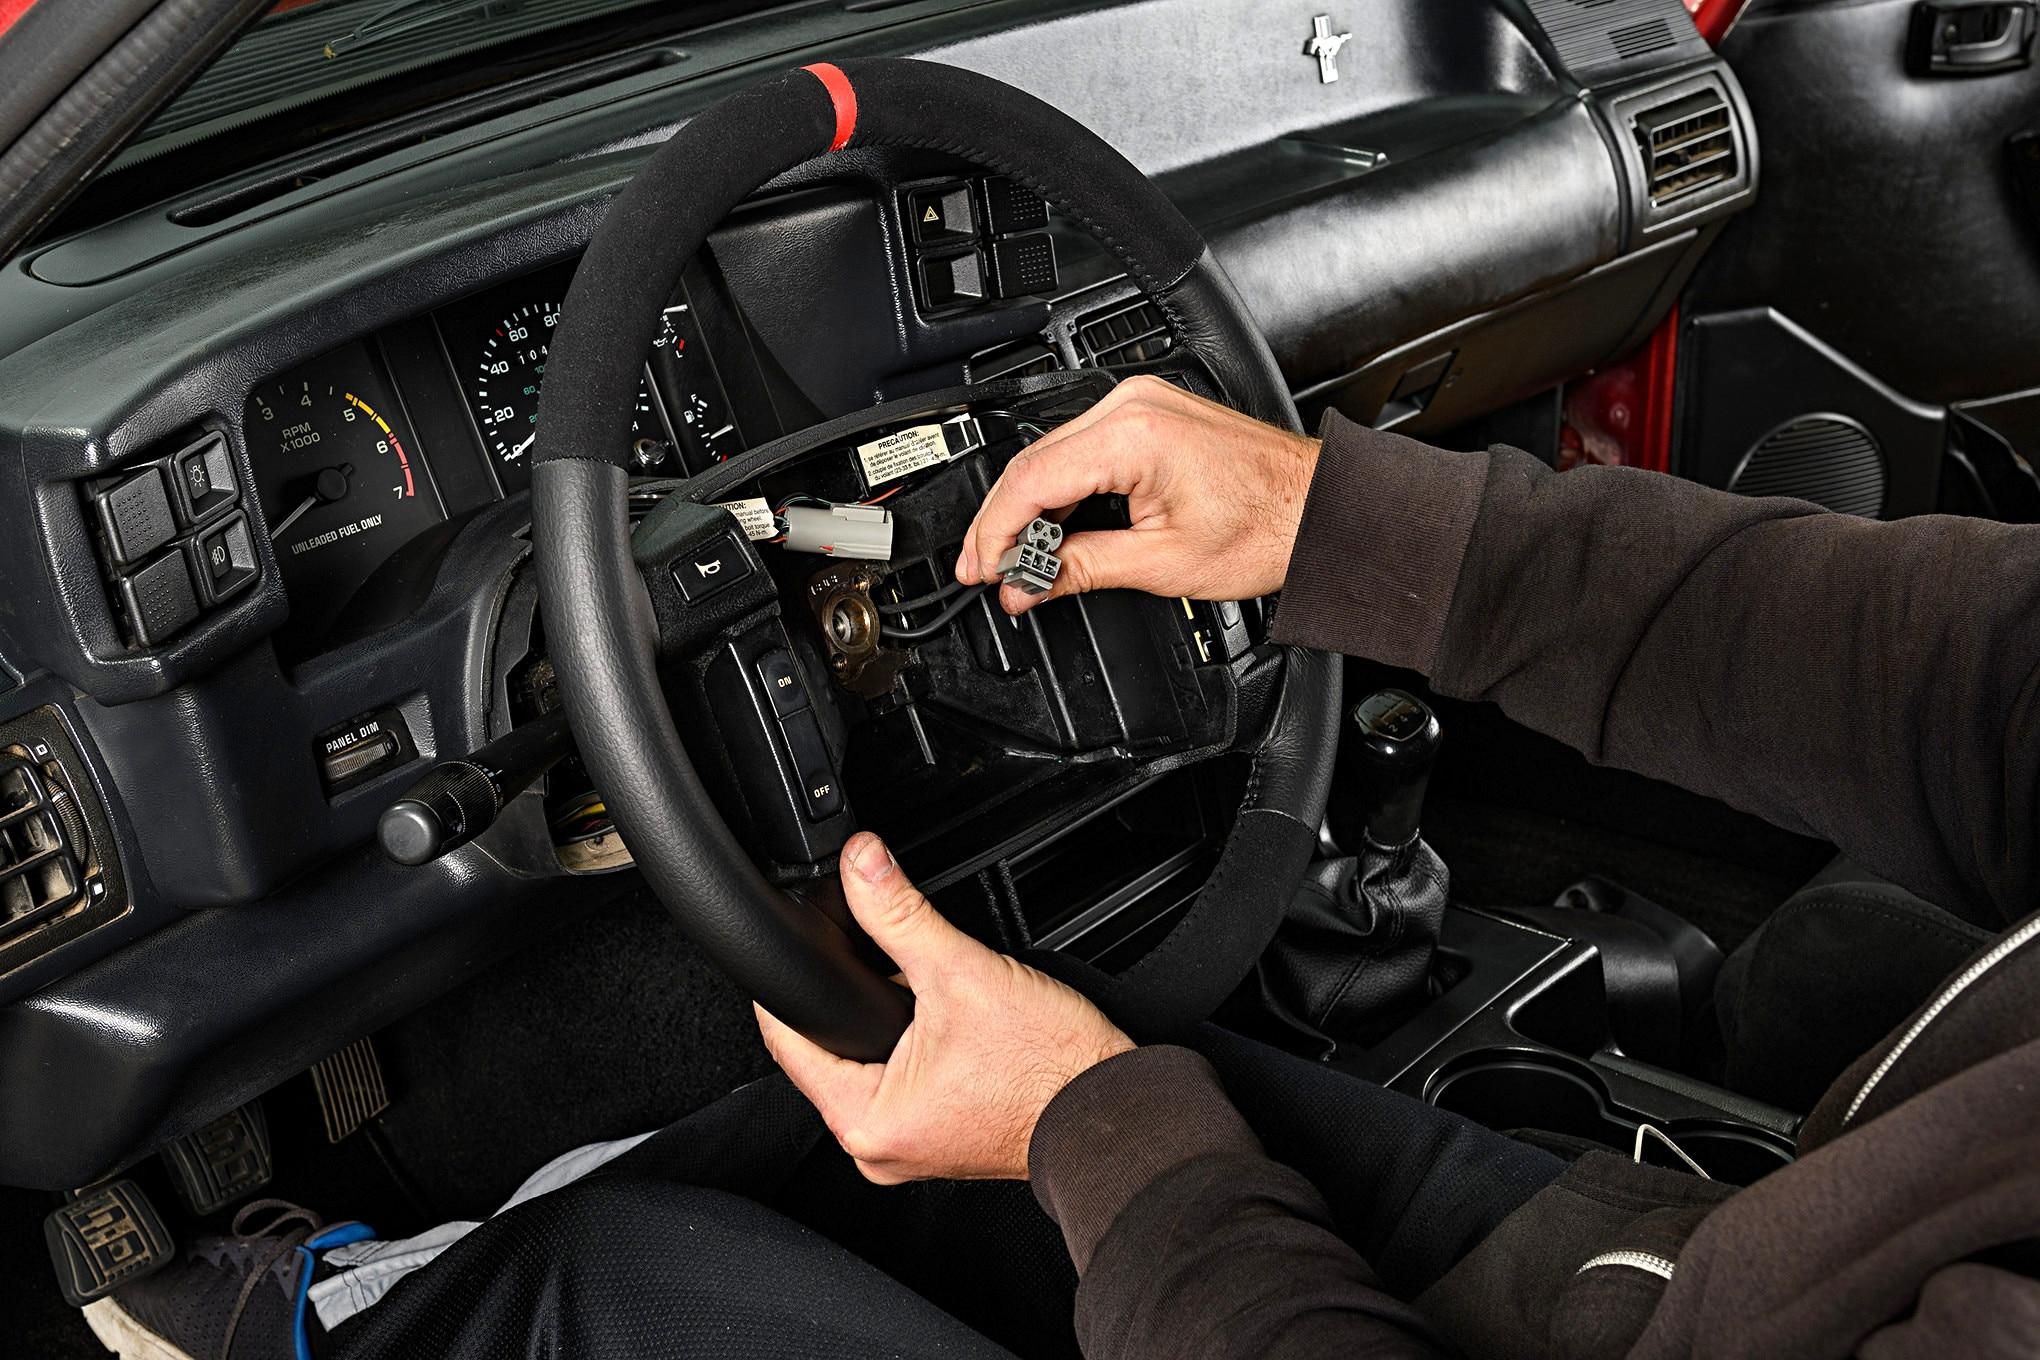 023 Mustang Steering Wheel Sve Fr350 Installation